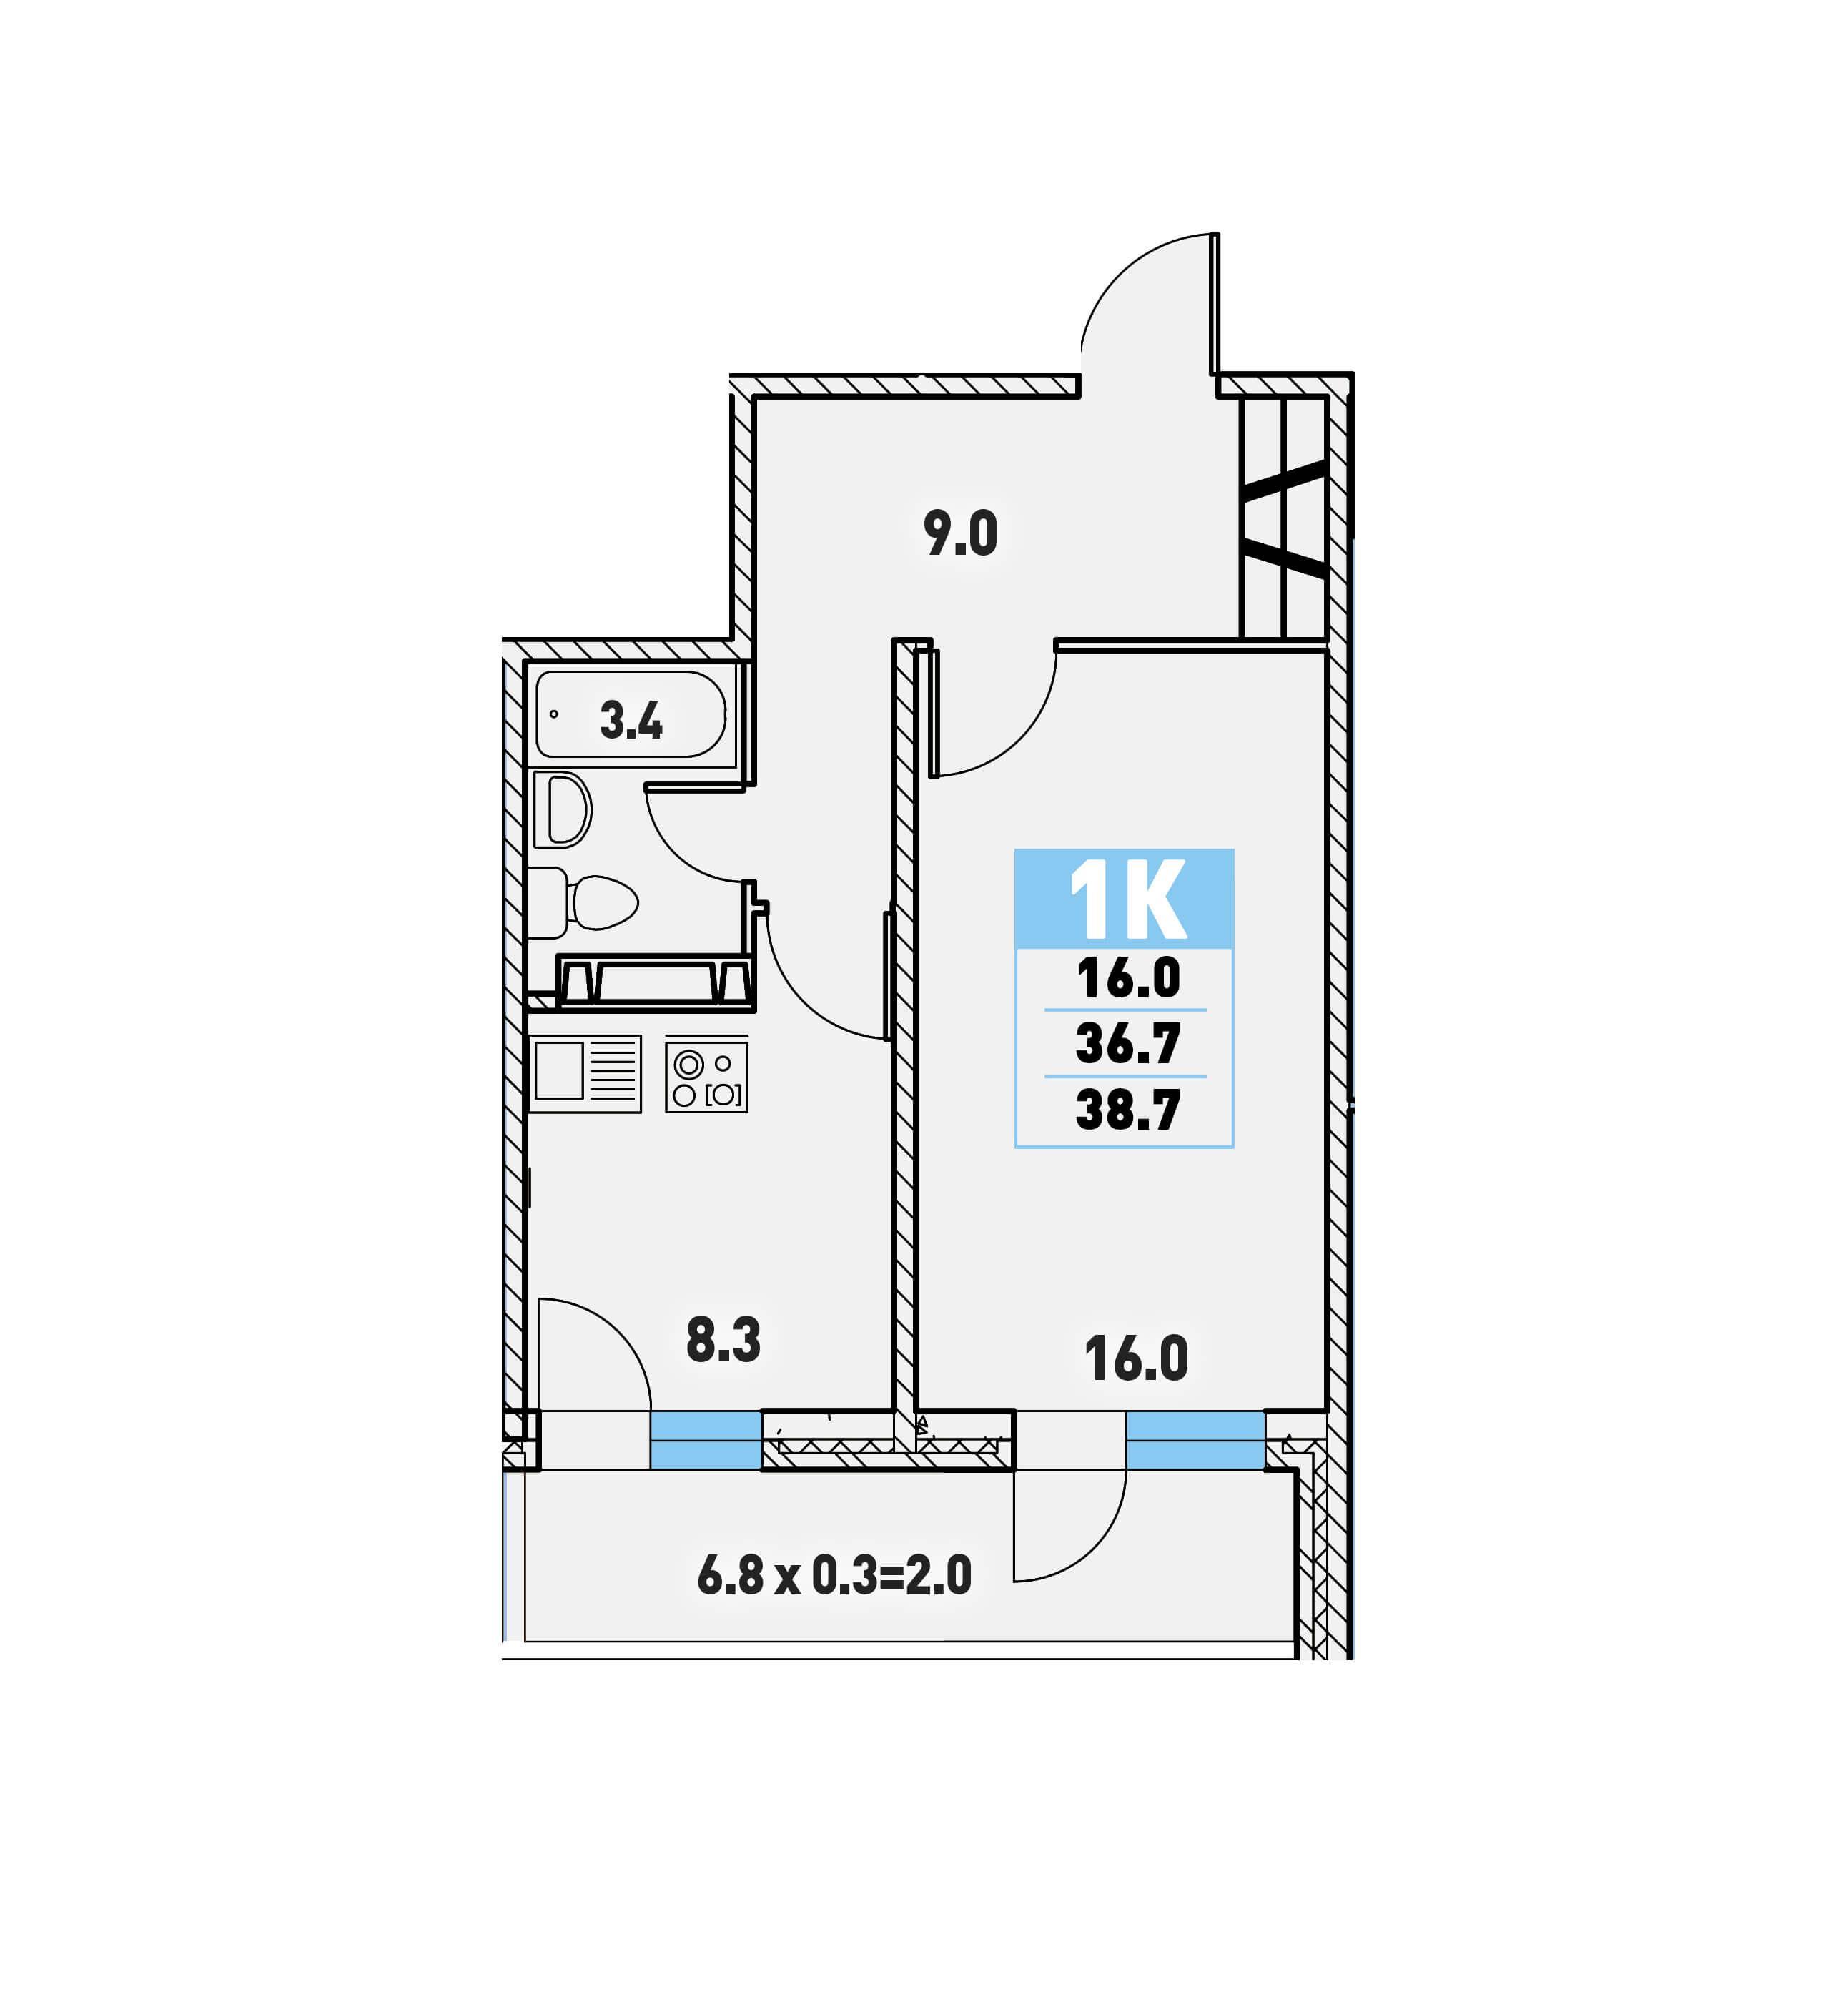 9c164660c829e Однокомнатная квартира 38,7 (l125-7) в Краснодаре в ЖК «Цветы»